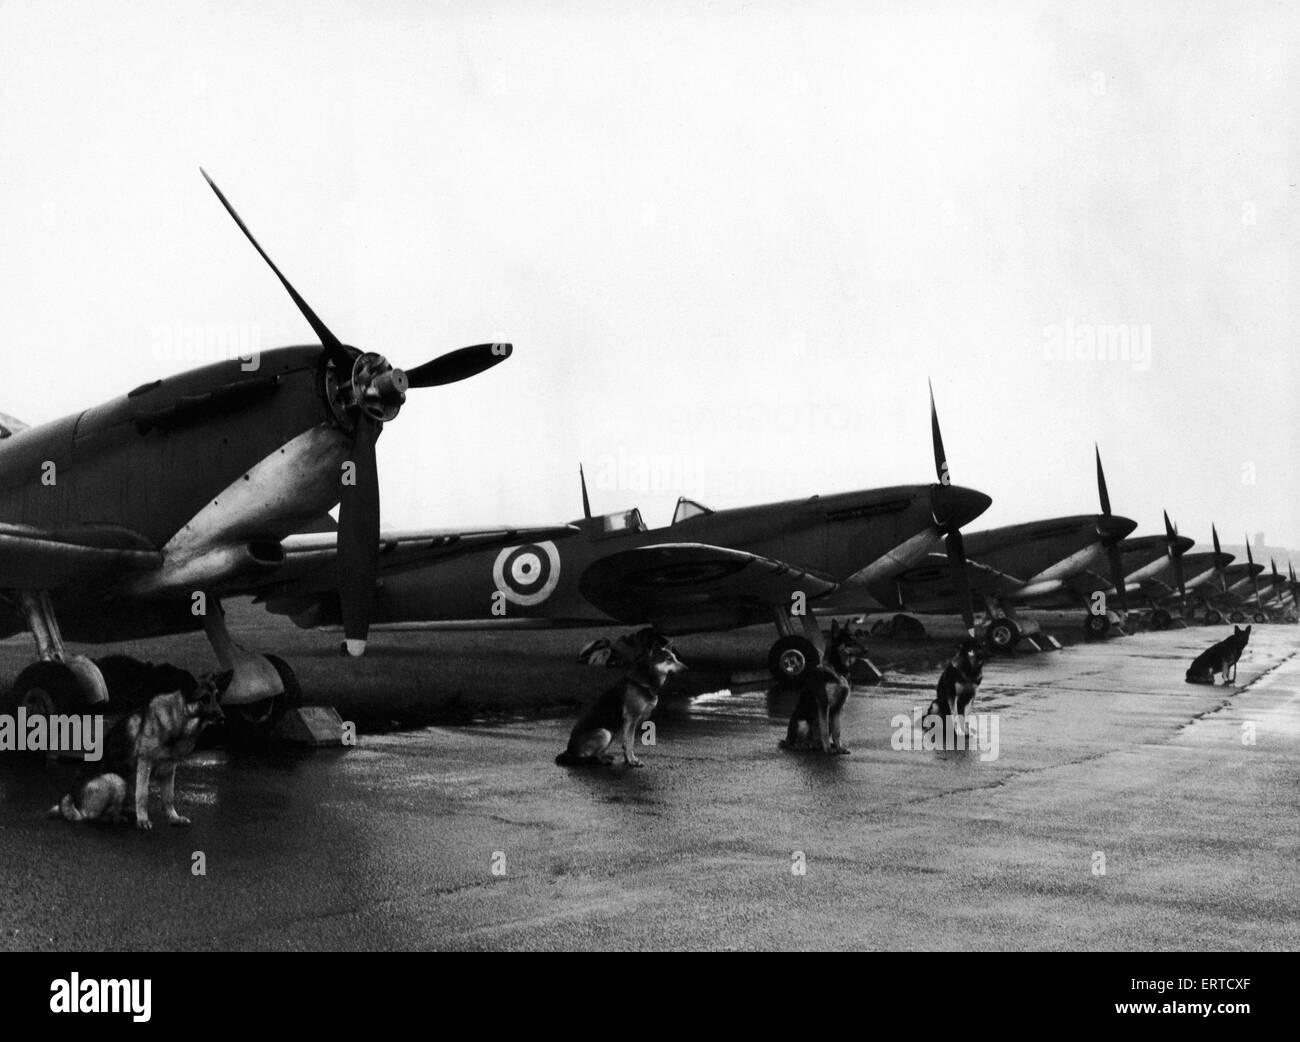 Douze chasseurs Spitfire alignés sur la piste d'atterrissage à North Weald, l'attente de l'appel Photo Stock